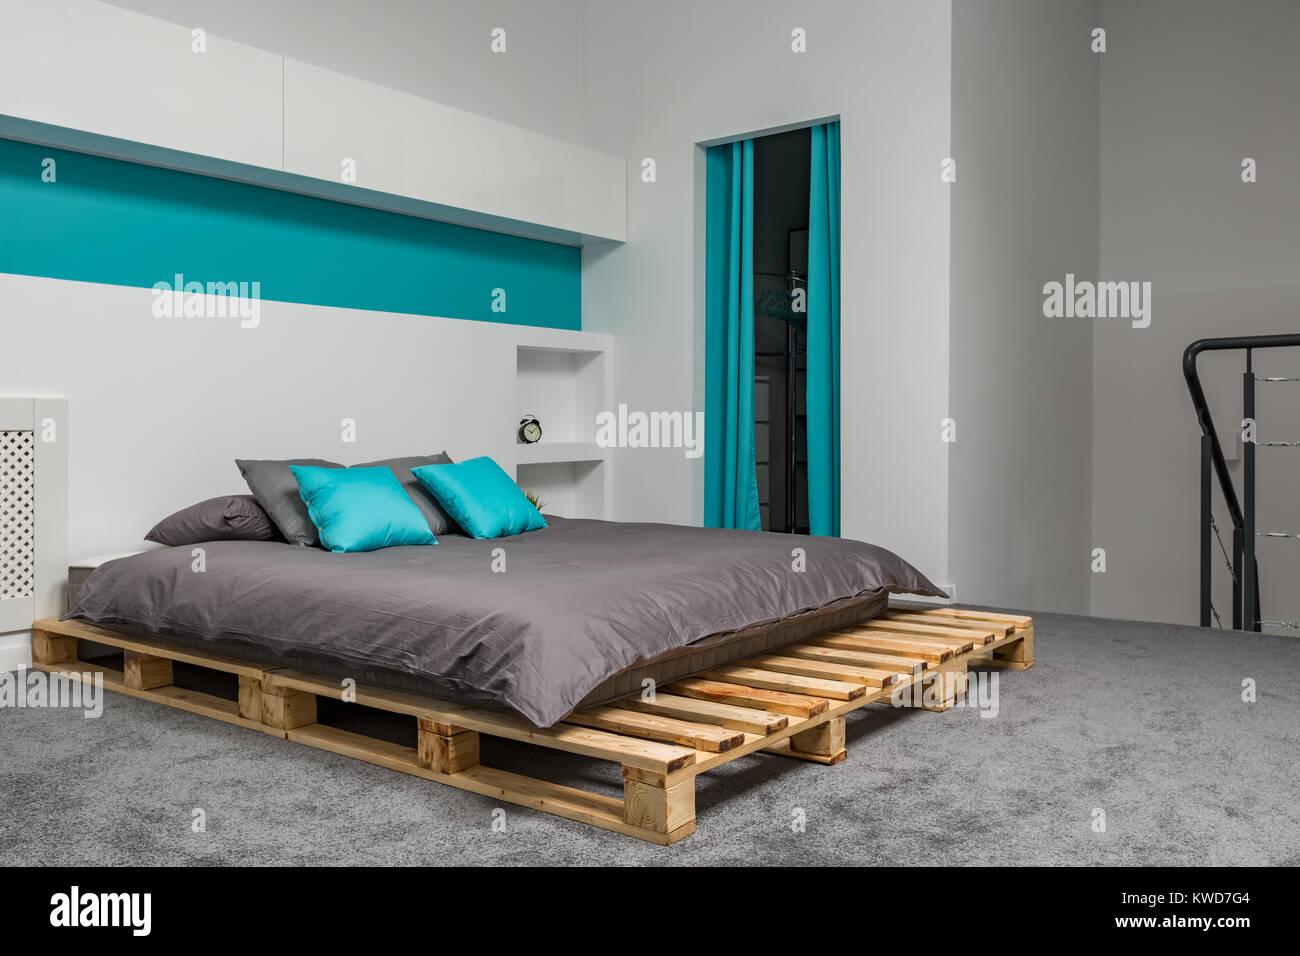 Schlafzimmer Mit Doppelbett Und Grossen Palette Turkis Details